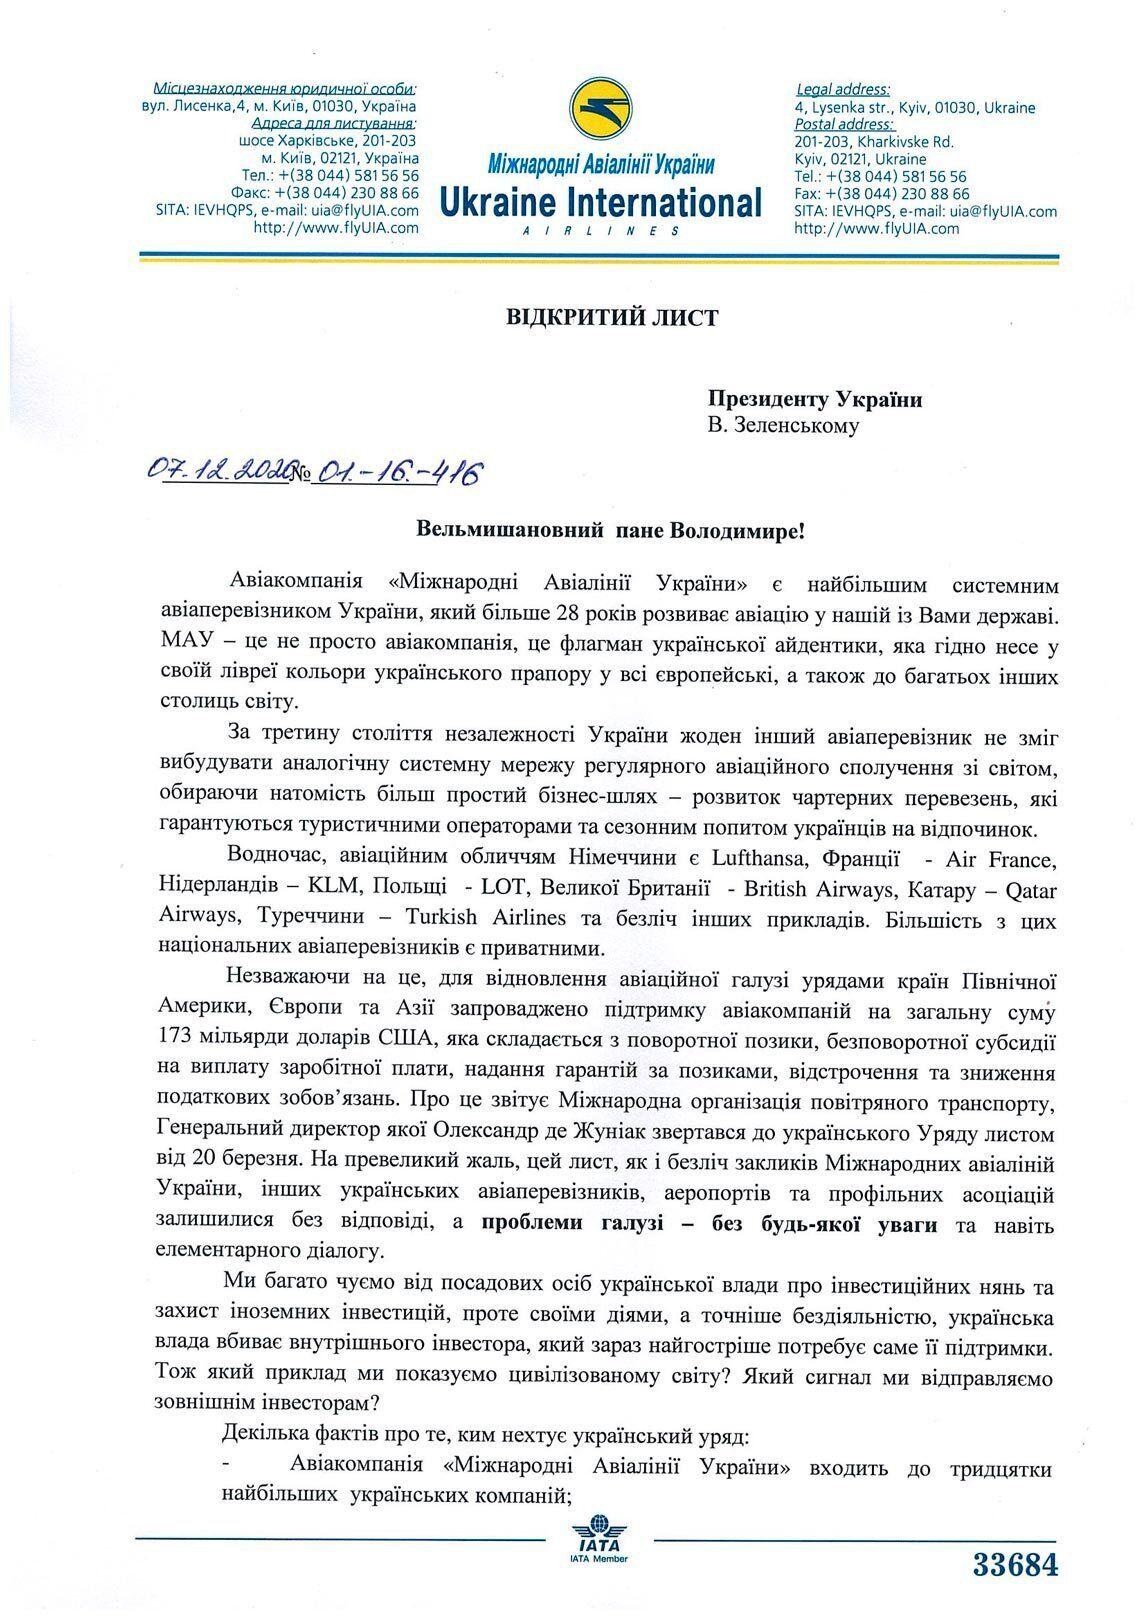 Лист від керівництва МАУ до Володимира Зеленського